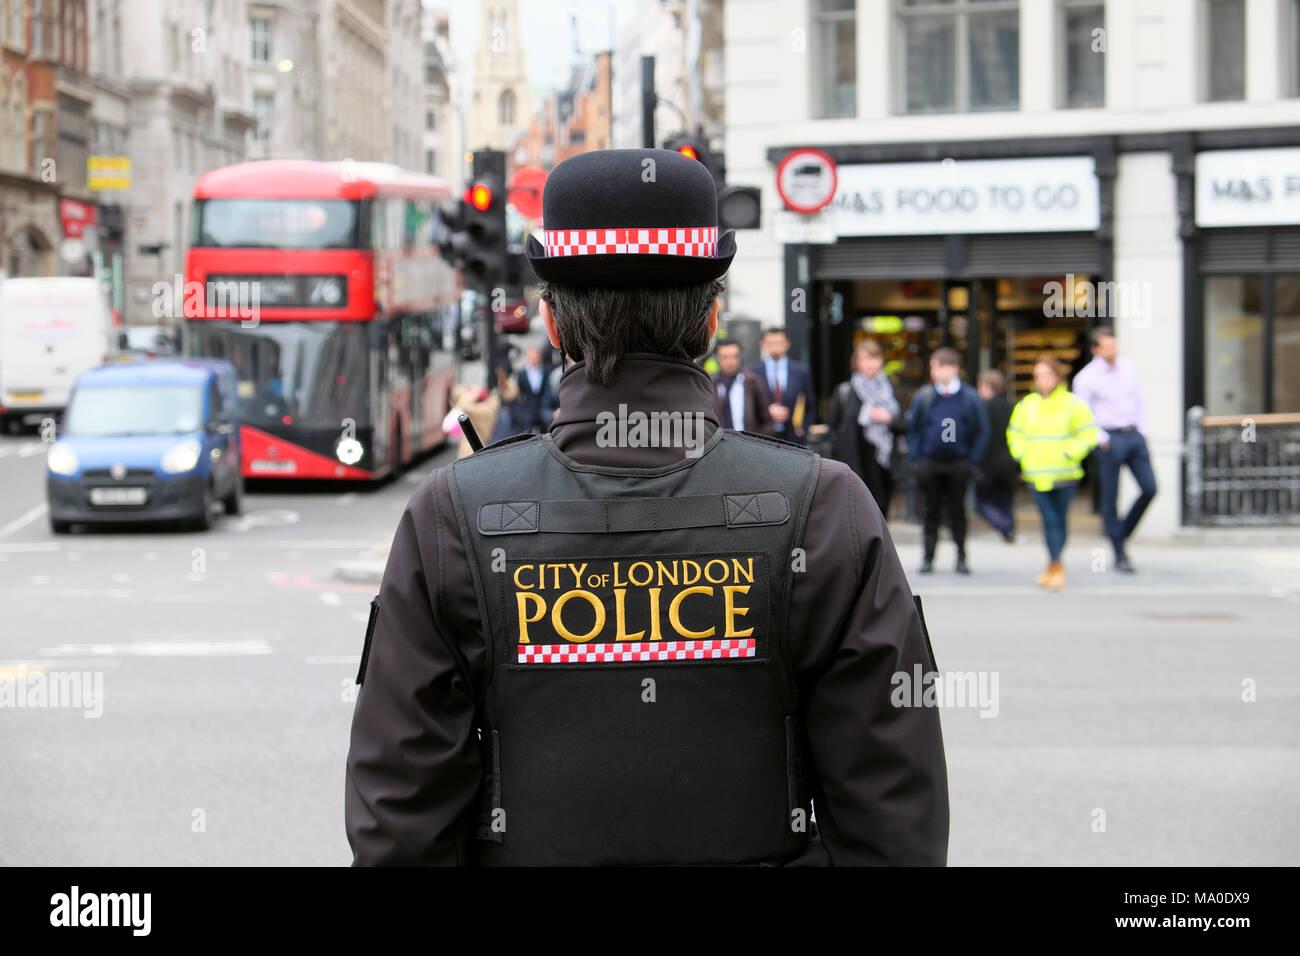 Stadt London Polizei Logo auf der Rückseite der Uniformjacke der Polizistin (Polizei Frau) auf der Straße in der Gegend von Central London Farringdon GROSSBRITANNIEN KATHY DEWITT Stockbild